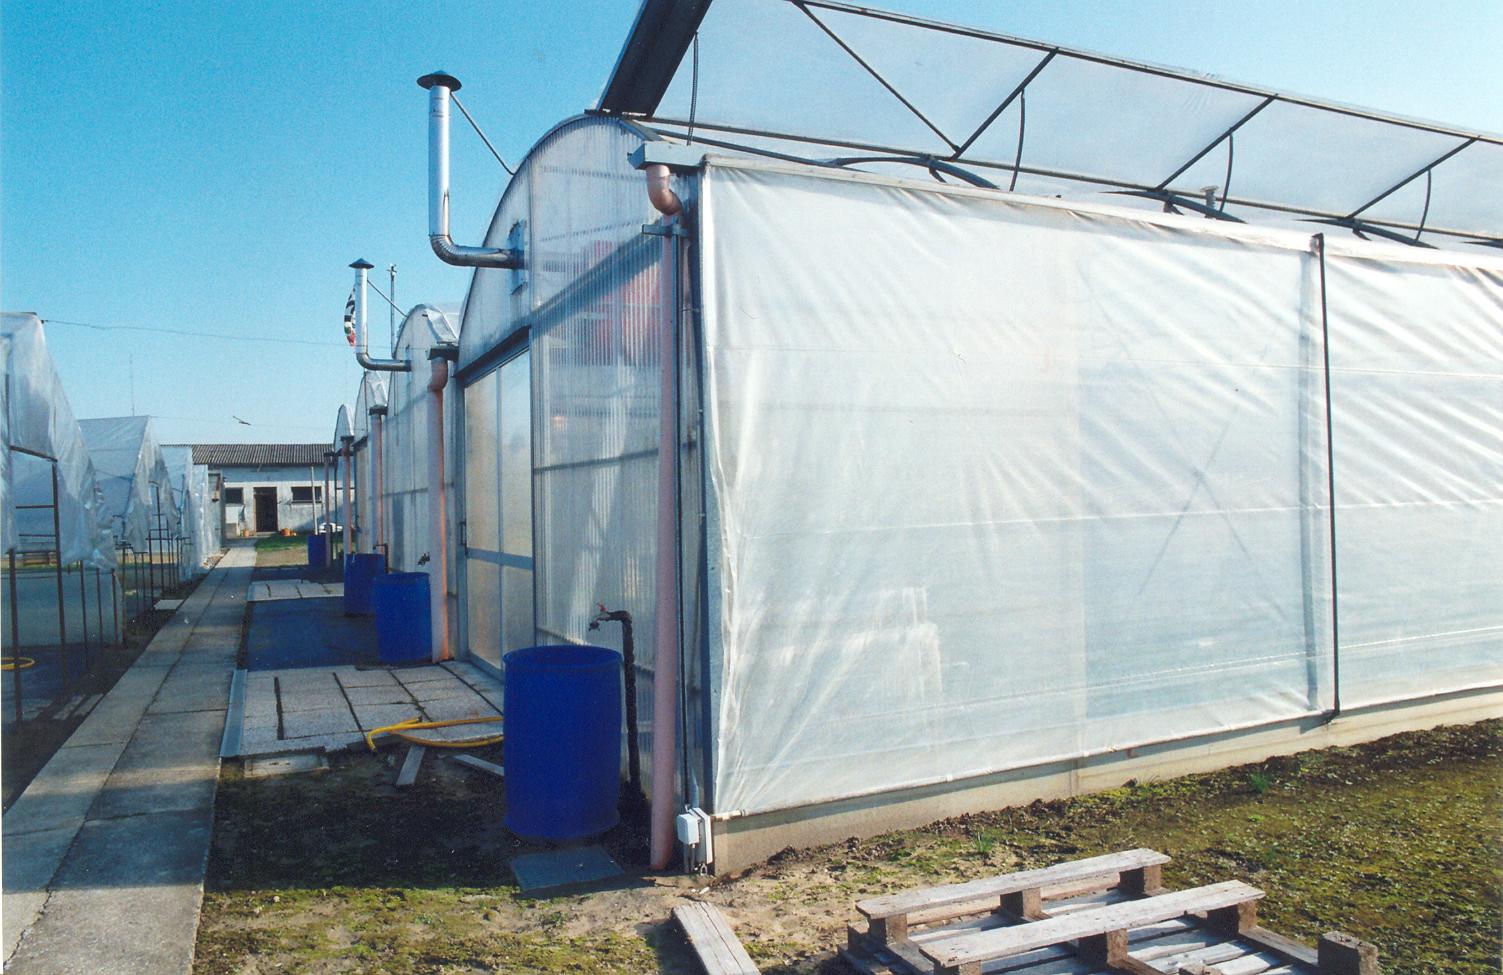 Sere cu deschidere tip rulou la peretii laterali MENATWORK AGRICOL - Poza 29